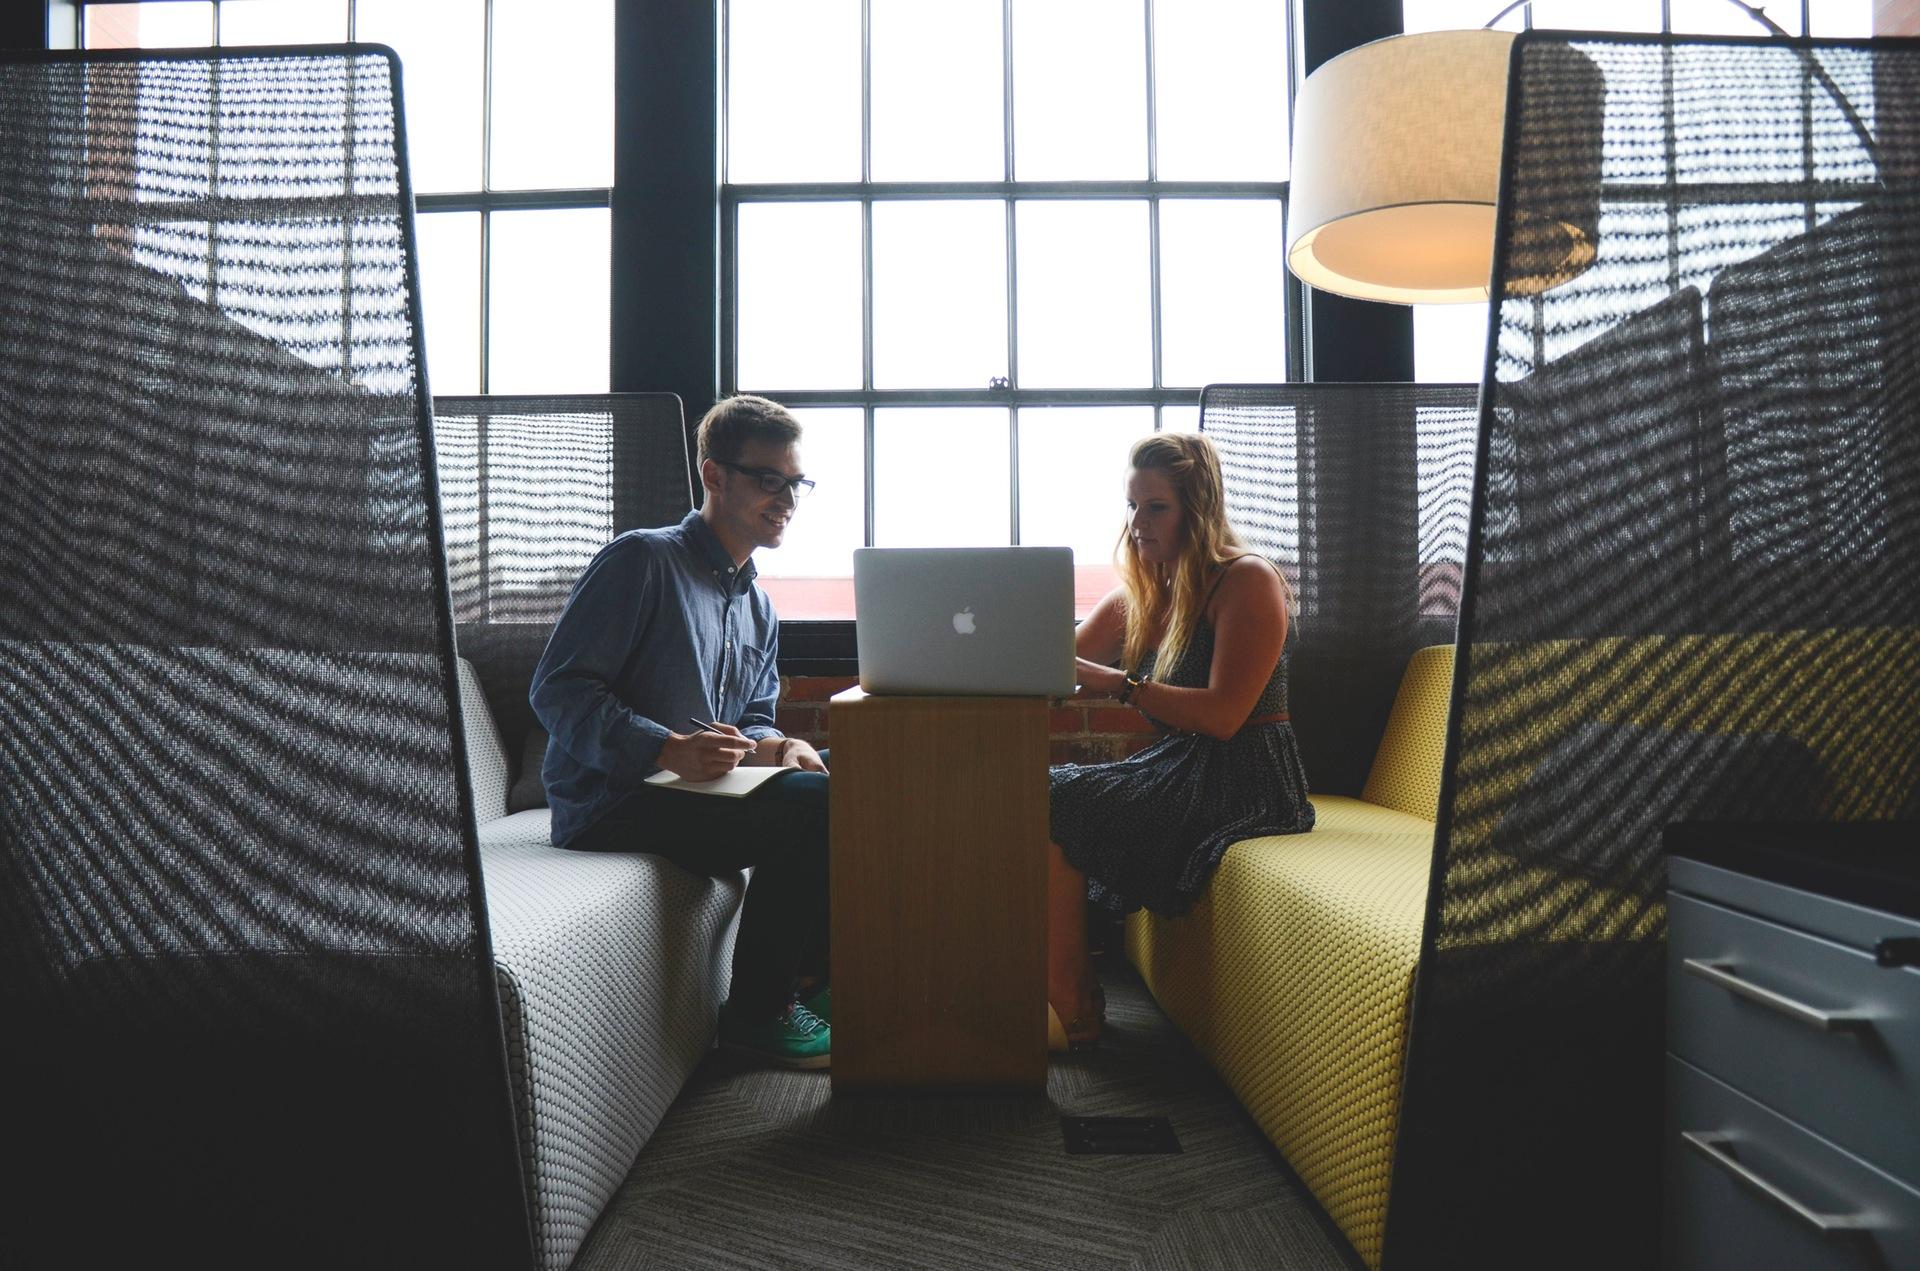 Ambiente laboral sería clave para ser feliz en el trabajo